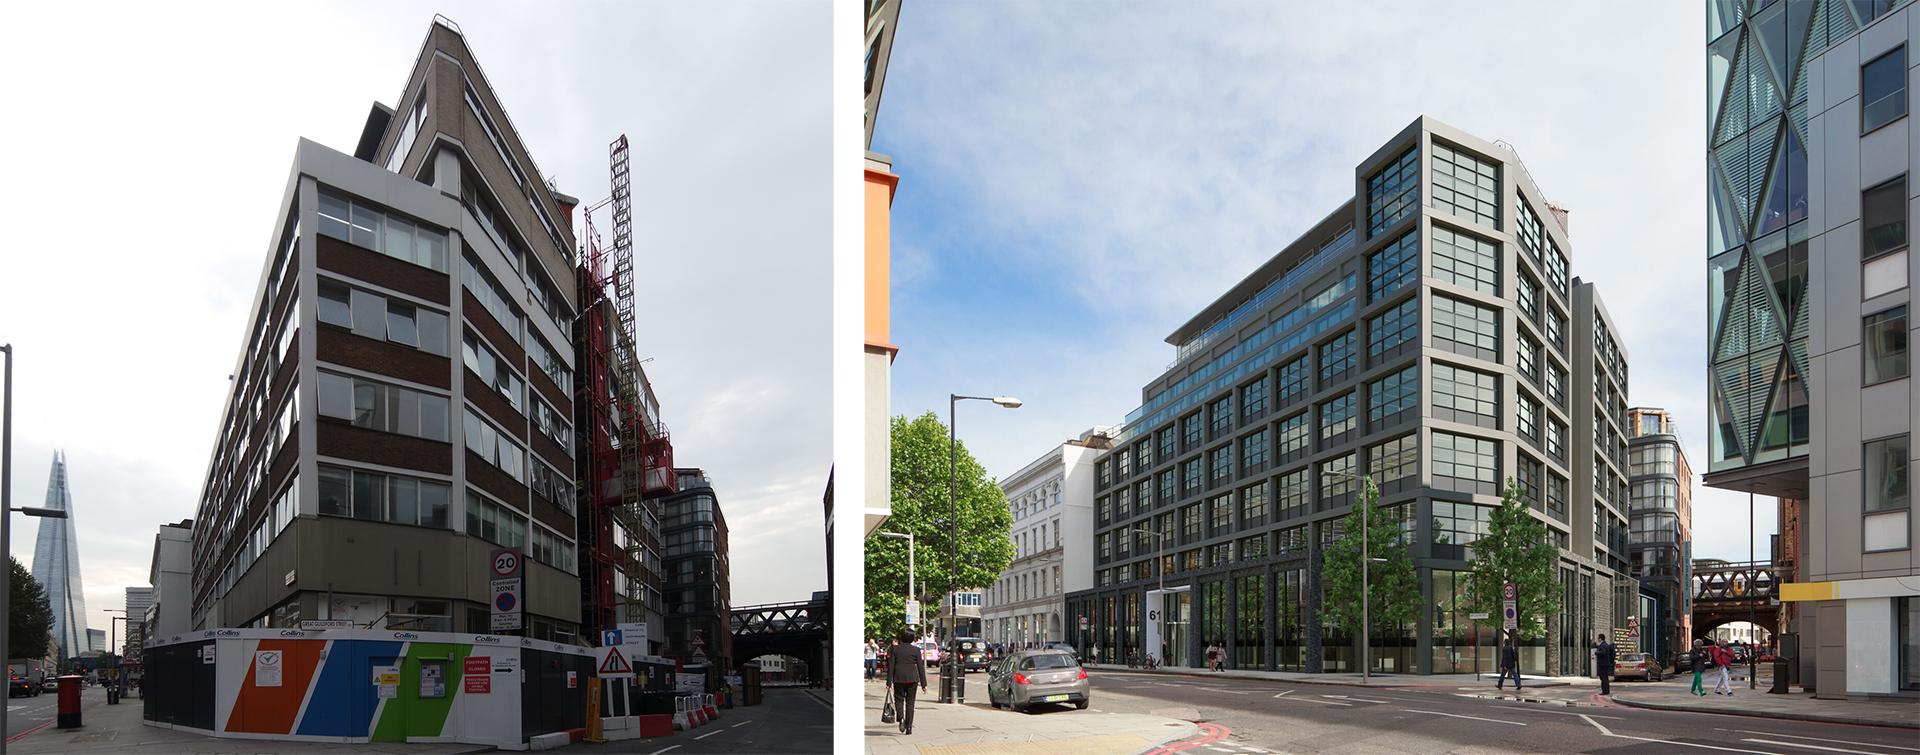 hb-reavis_61-southwark_london_2